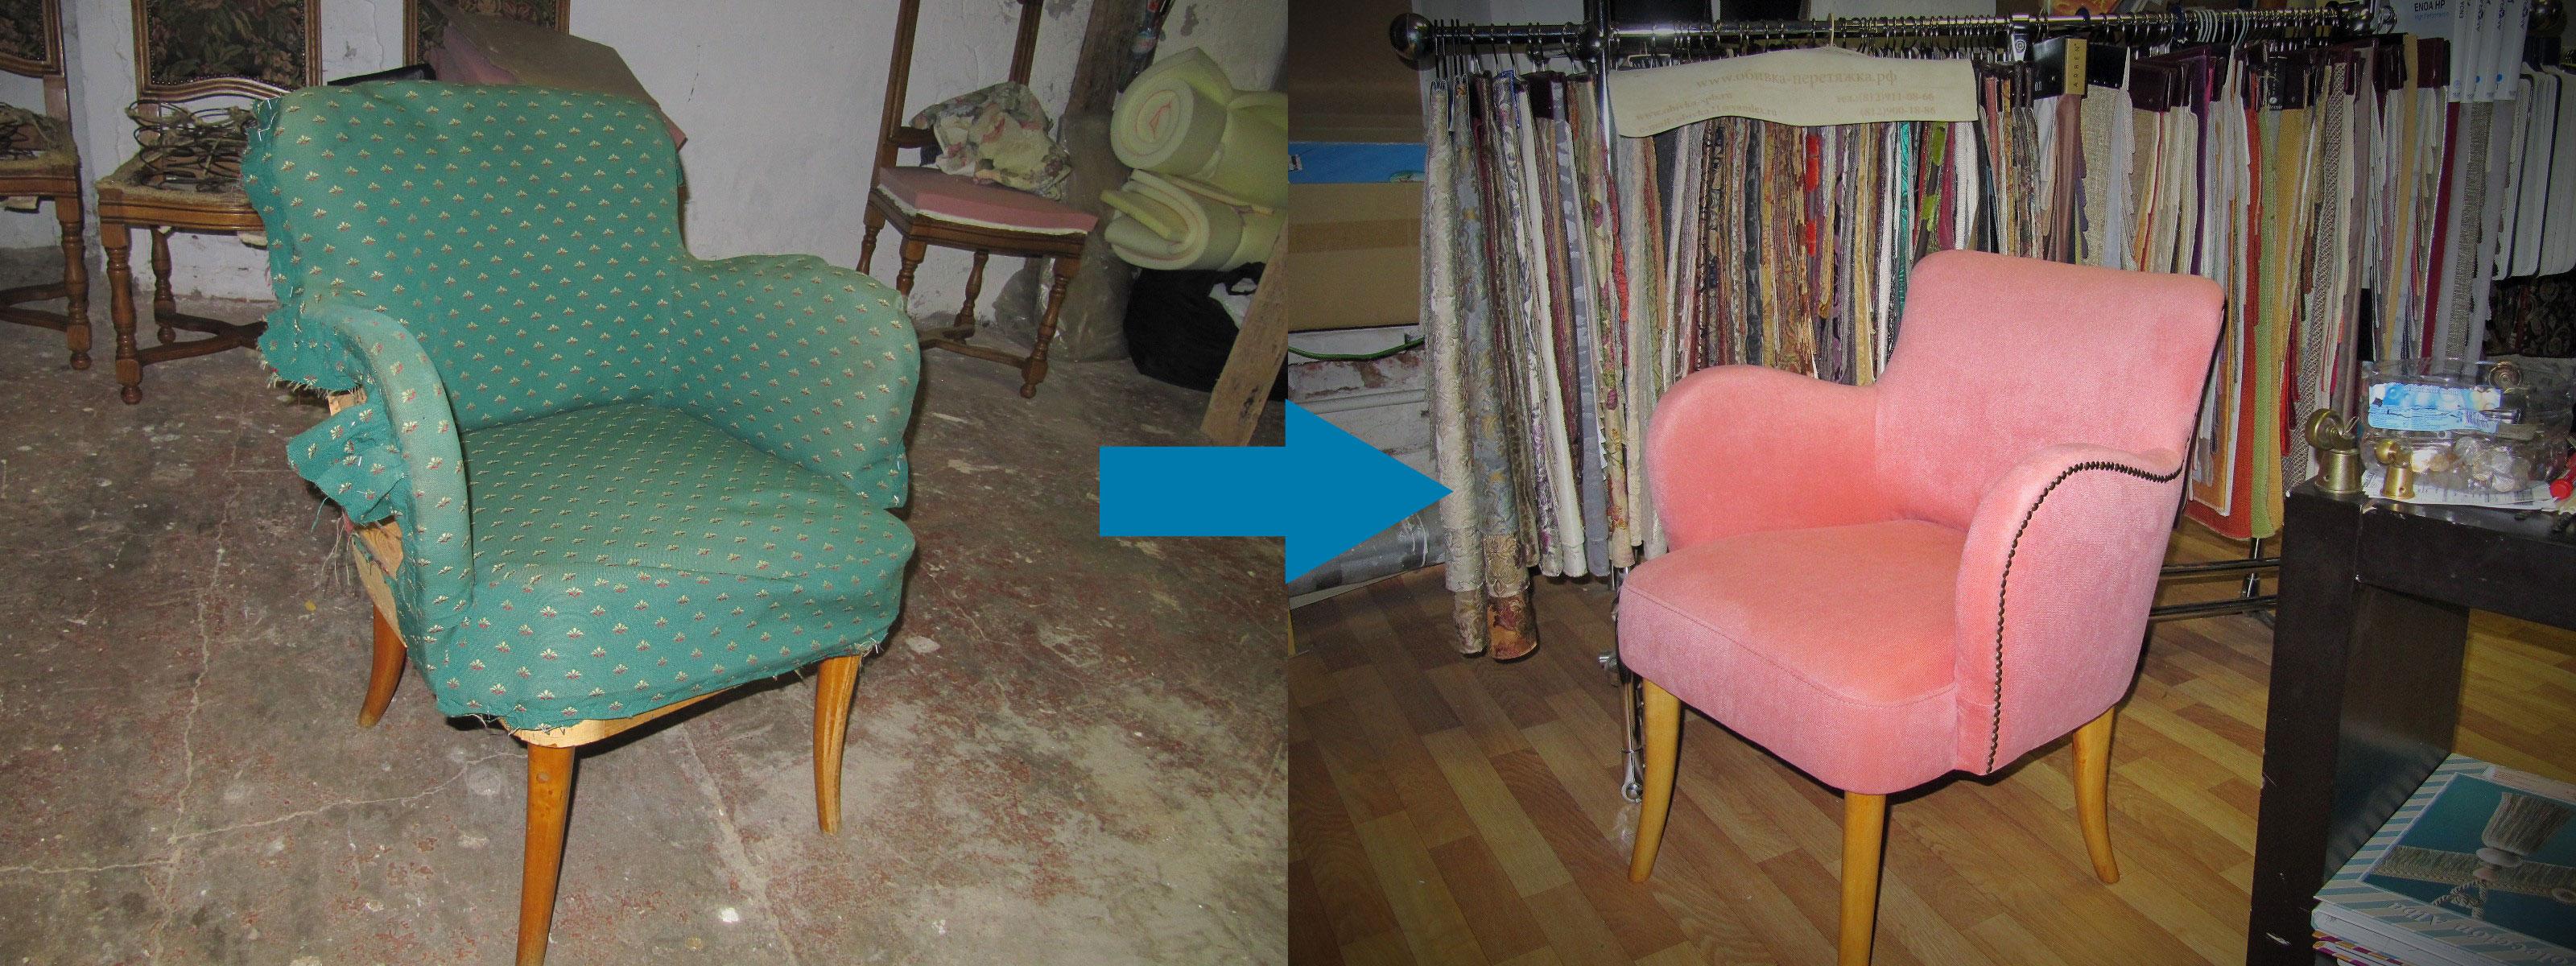 Пример обивки кресла